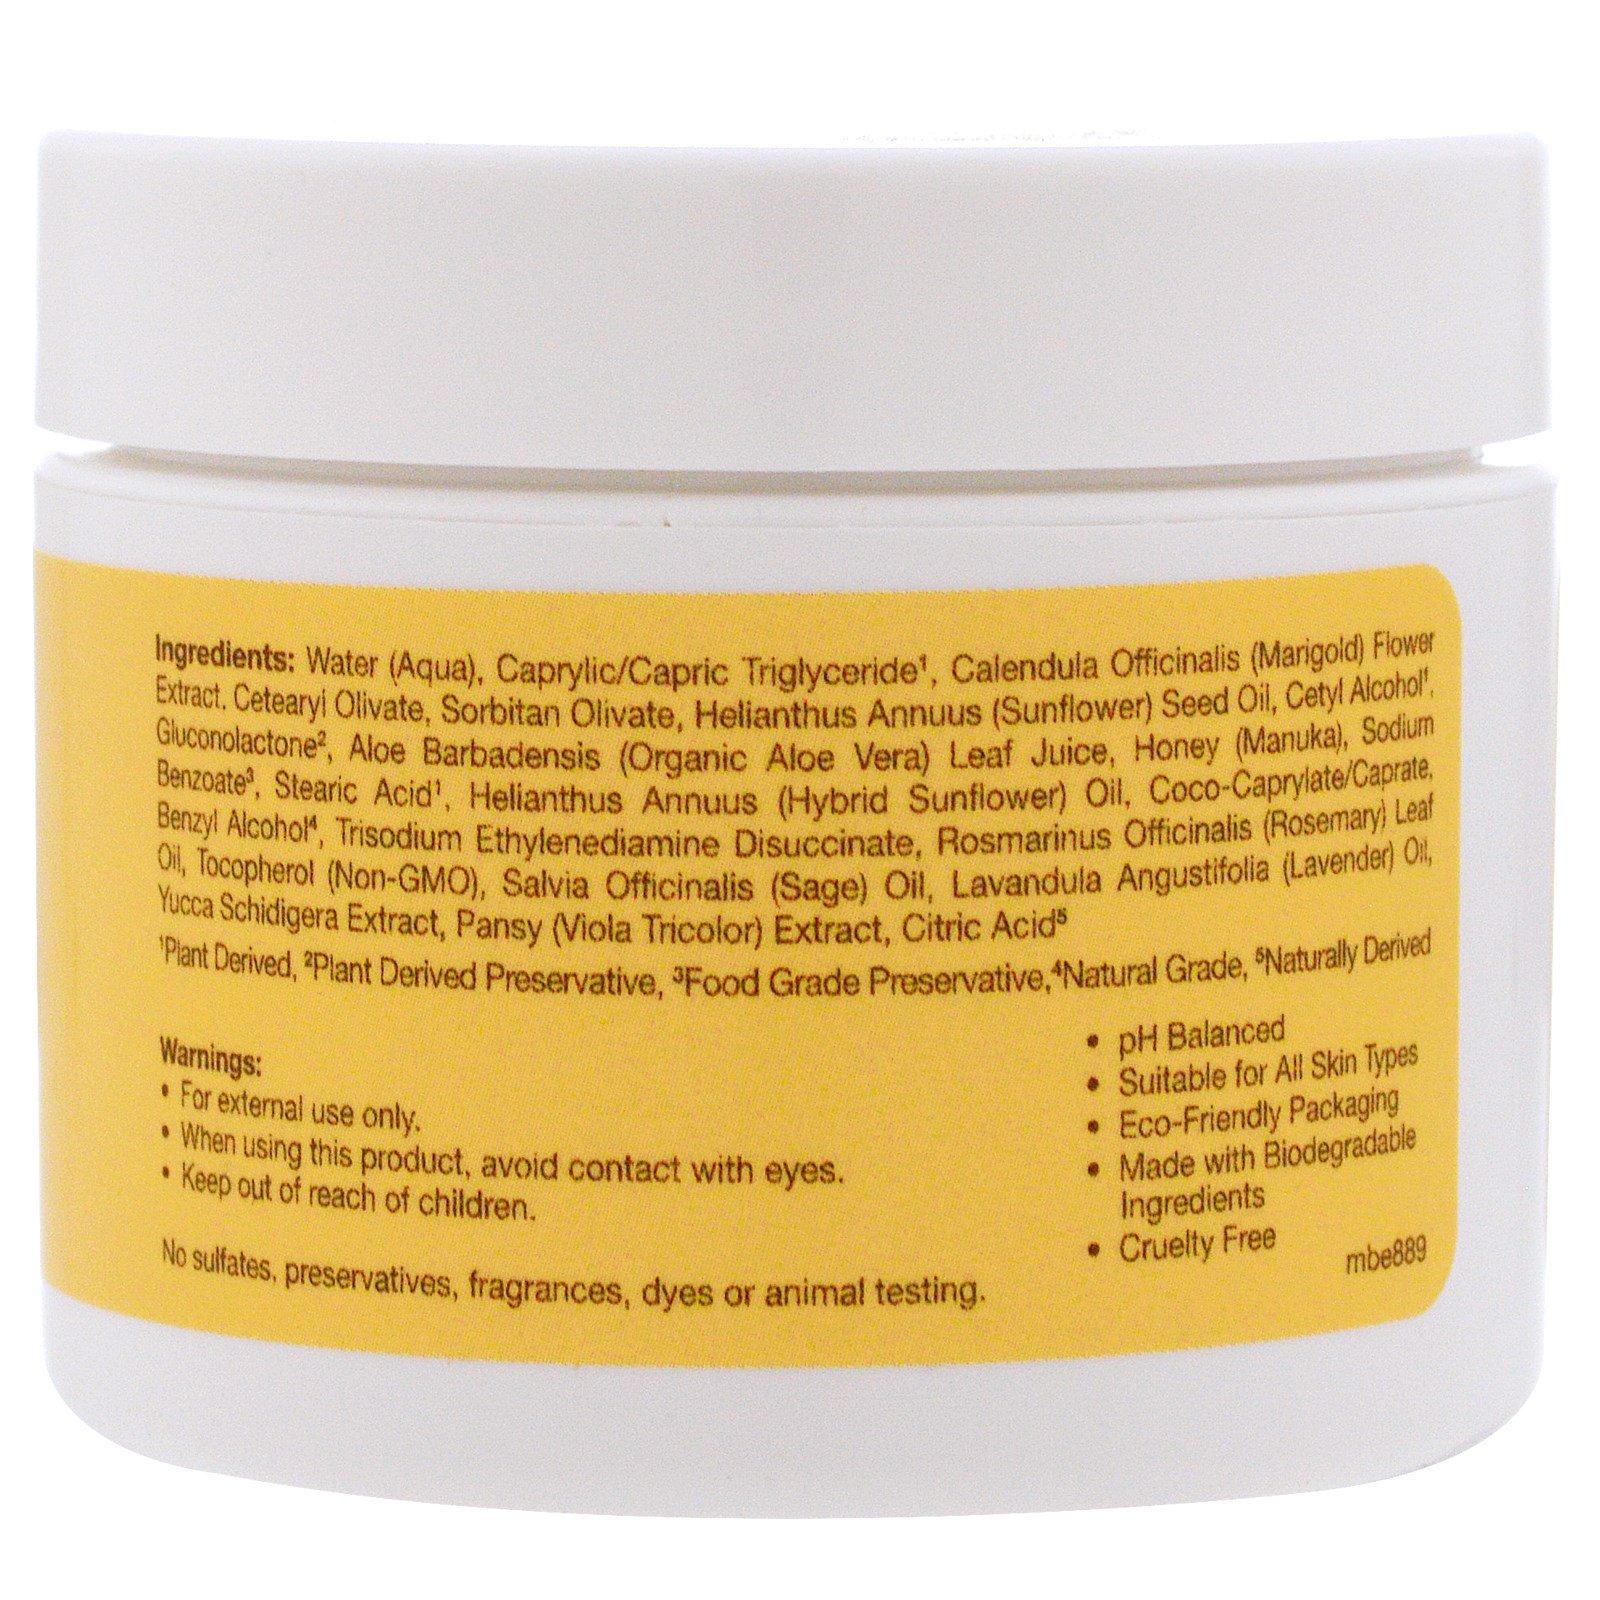 Sierra Bees, Calendula, Soothing Skin Cream, 2 oz (60 g